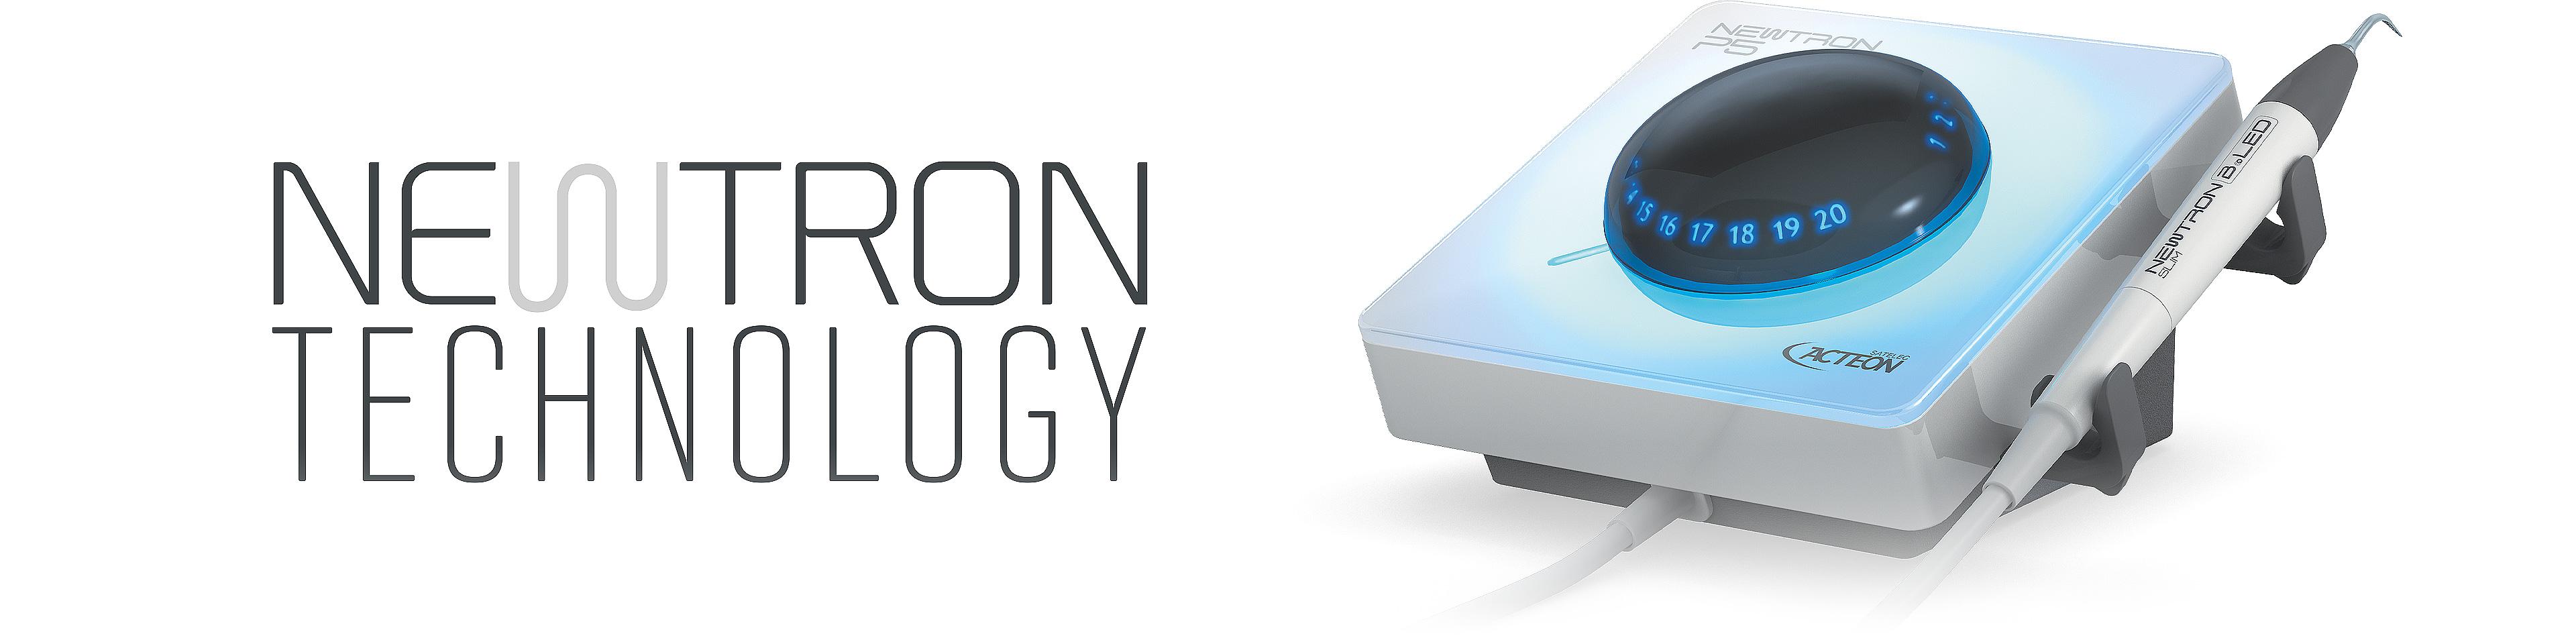 Acteon_Newtron-Technologie_01_1